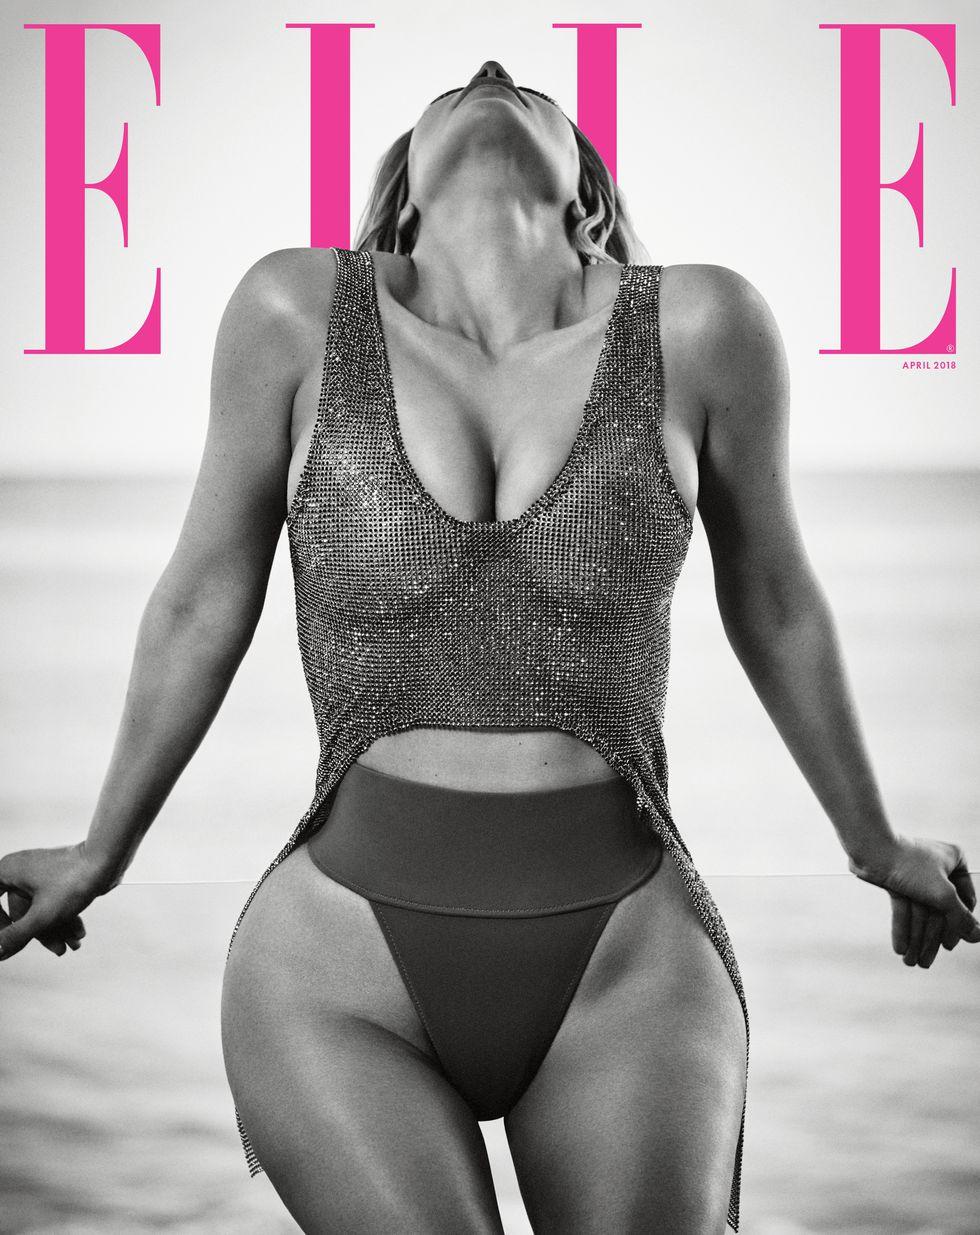 Không khoe da thịt quá nhiều, Kim Kardashian vẫn đẹp xuất sắc trên tạp chí Elle